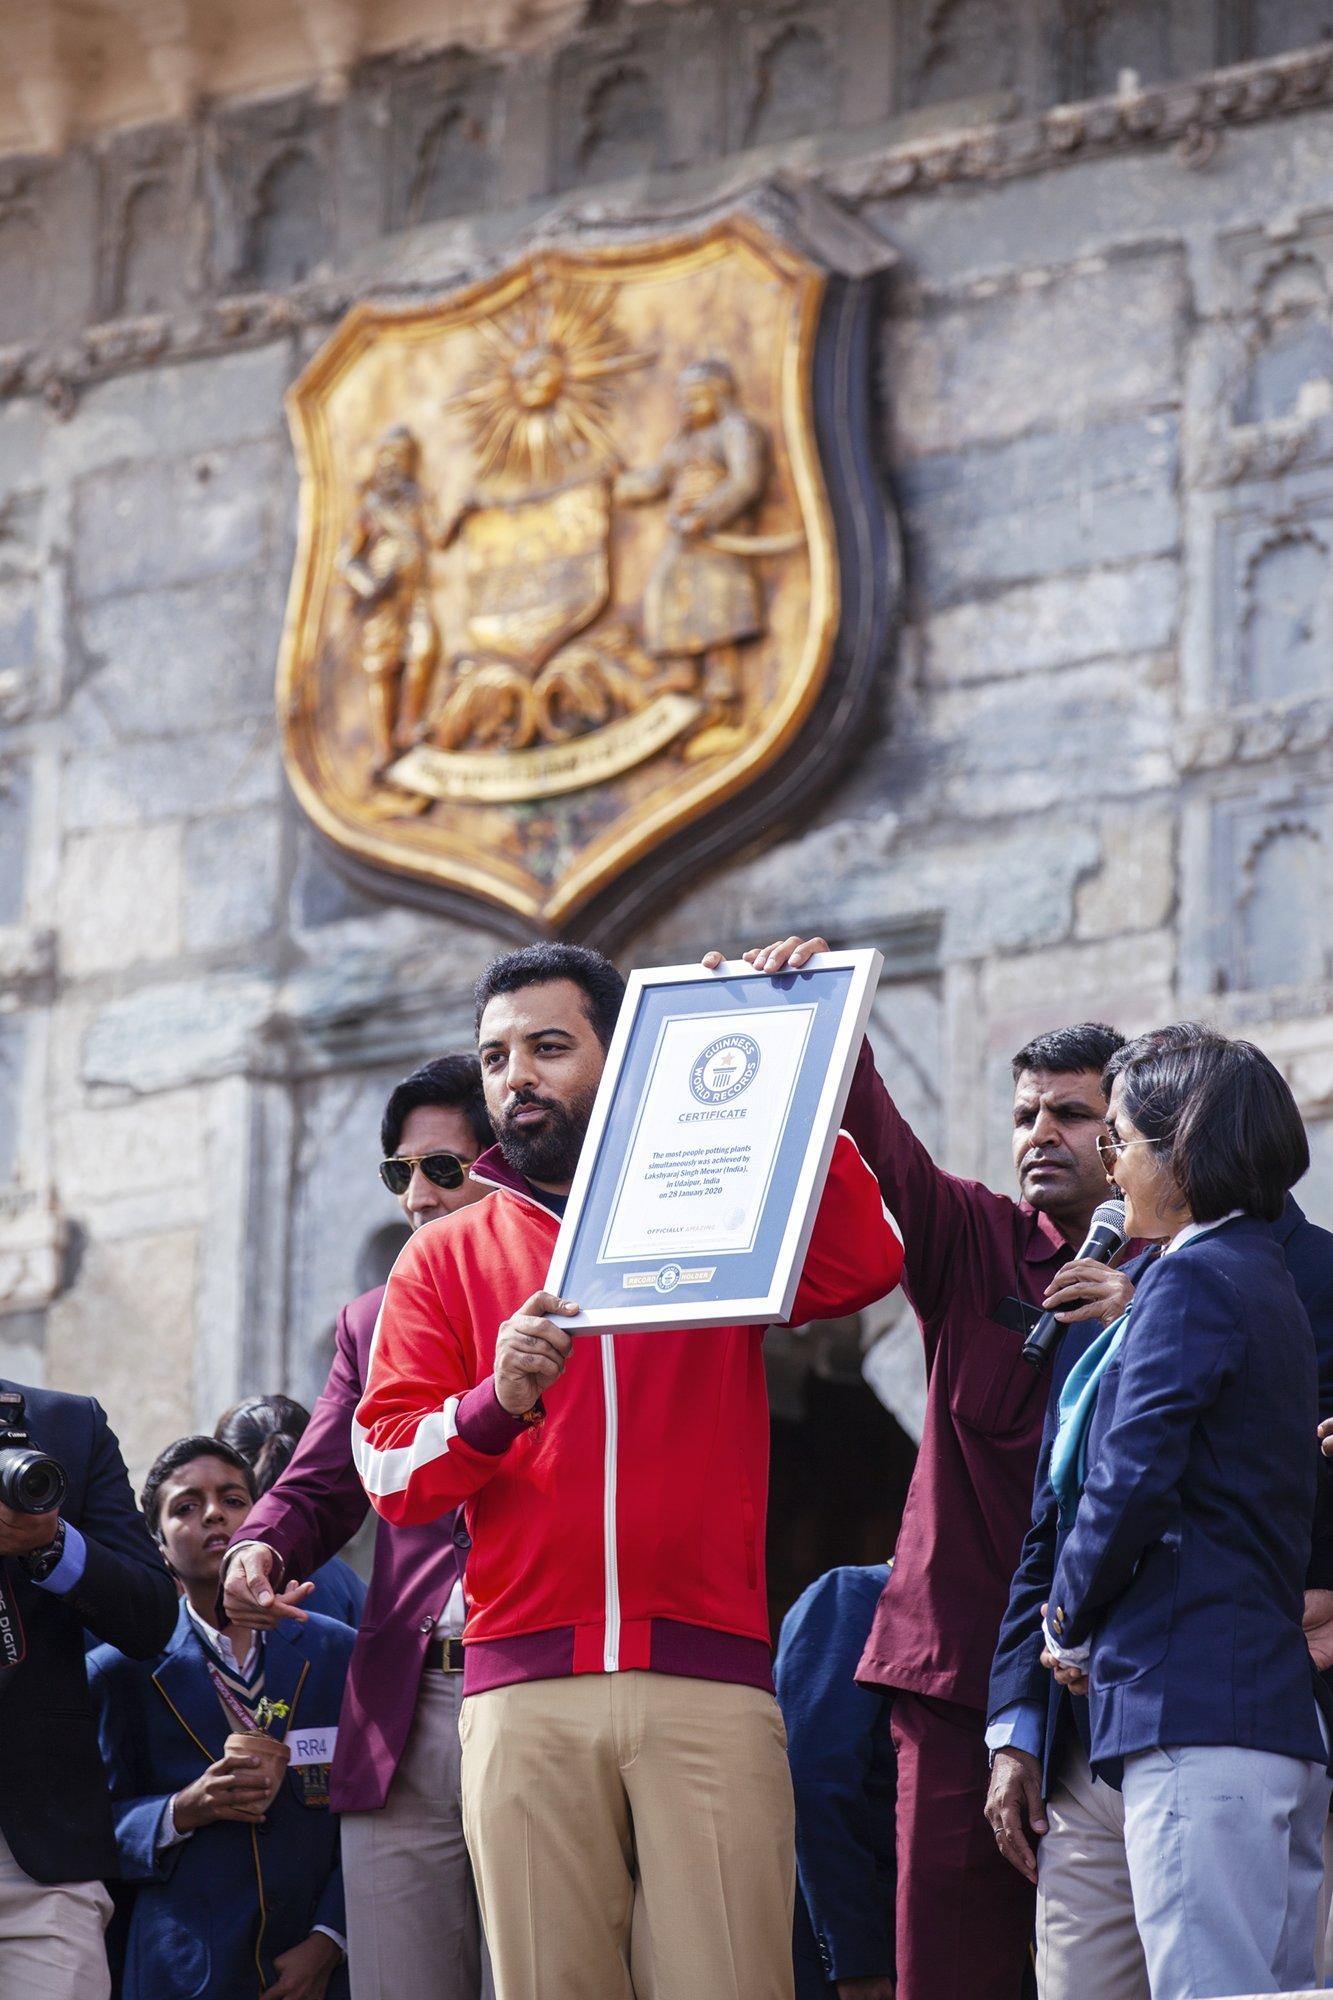 २० सेकंड में एक साथ ४०३५ पौधे लगाकर लक्ष्यराज सिंह मेवाड ने बनाया विश्व रिकॉर्ड